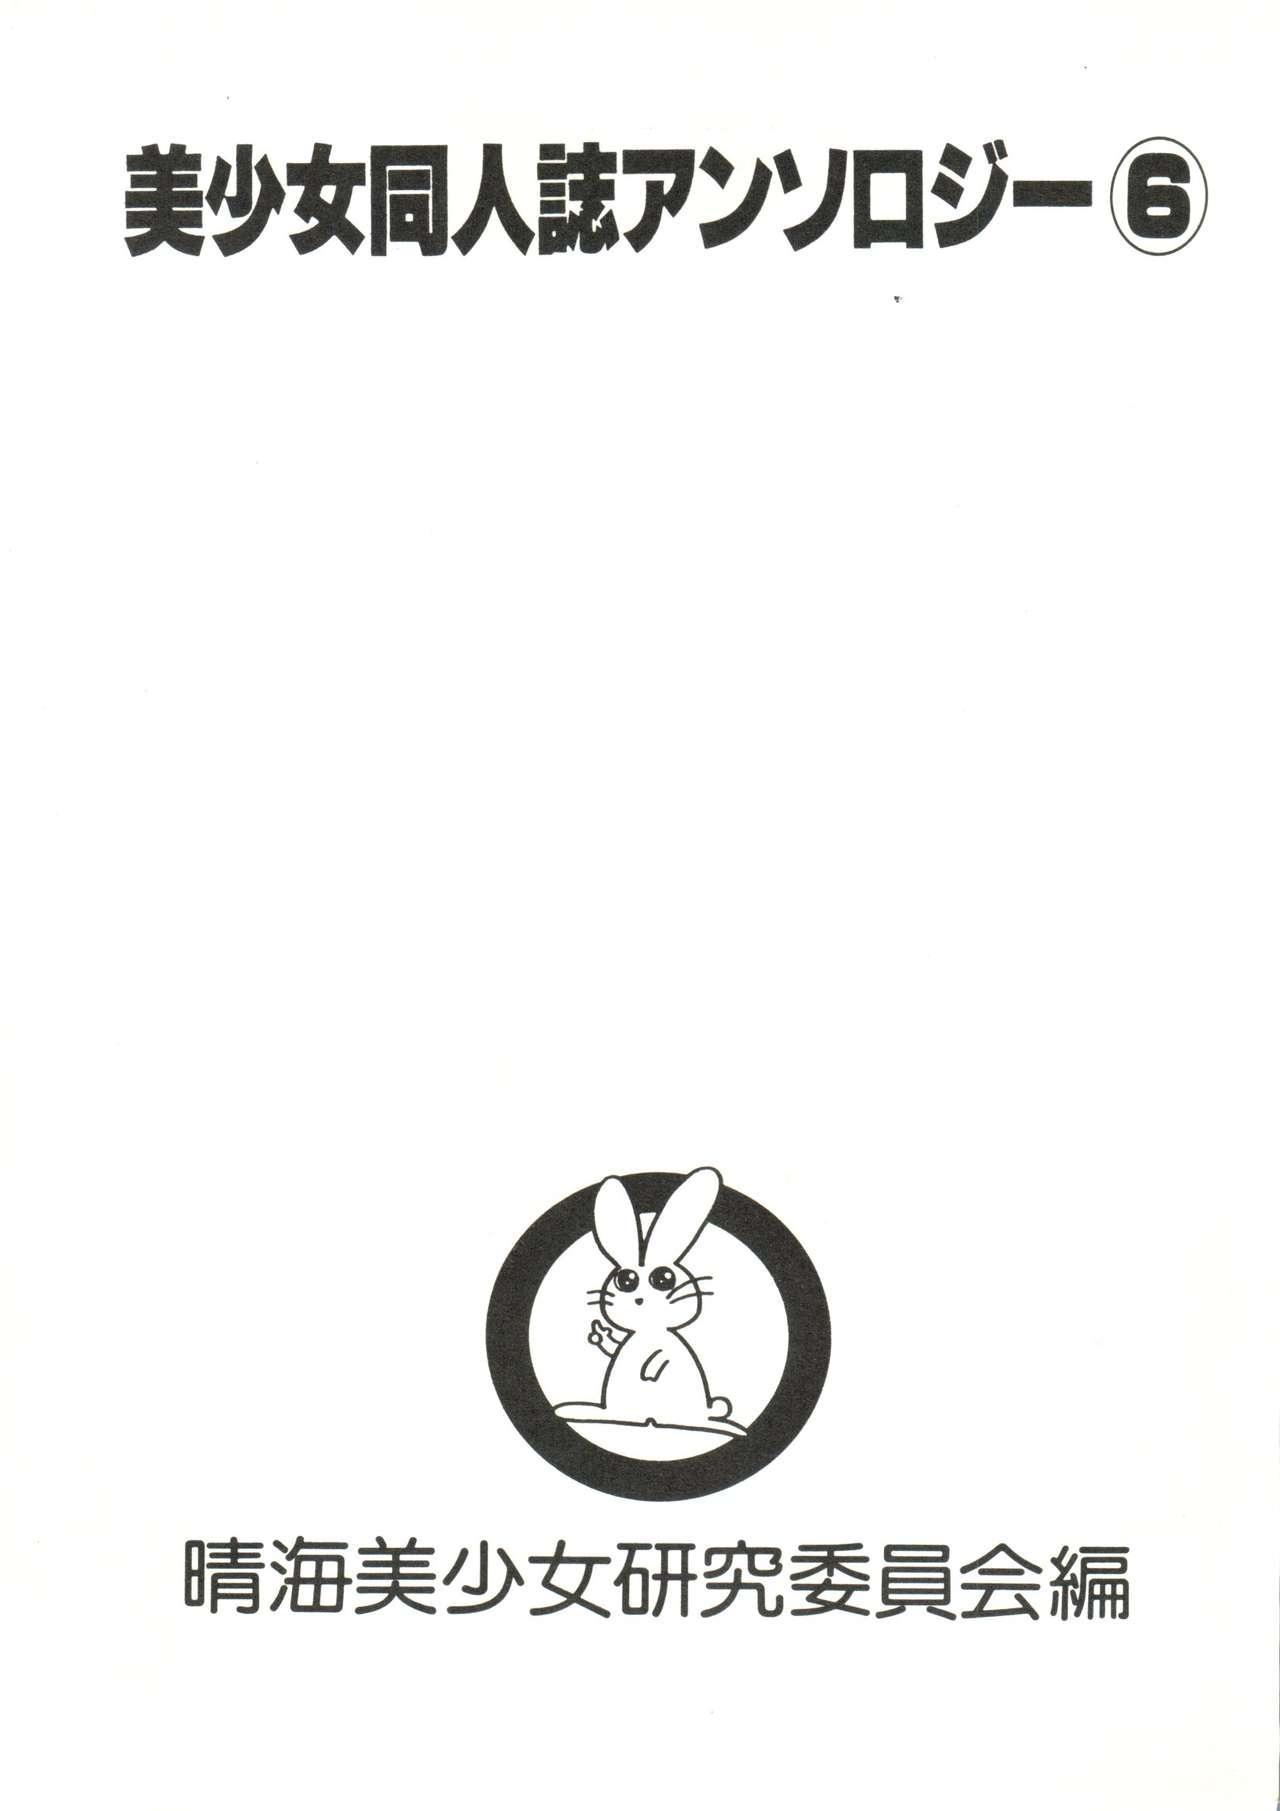 Bishoujo Doujinshi Anthology 6 4